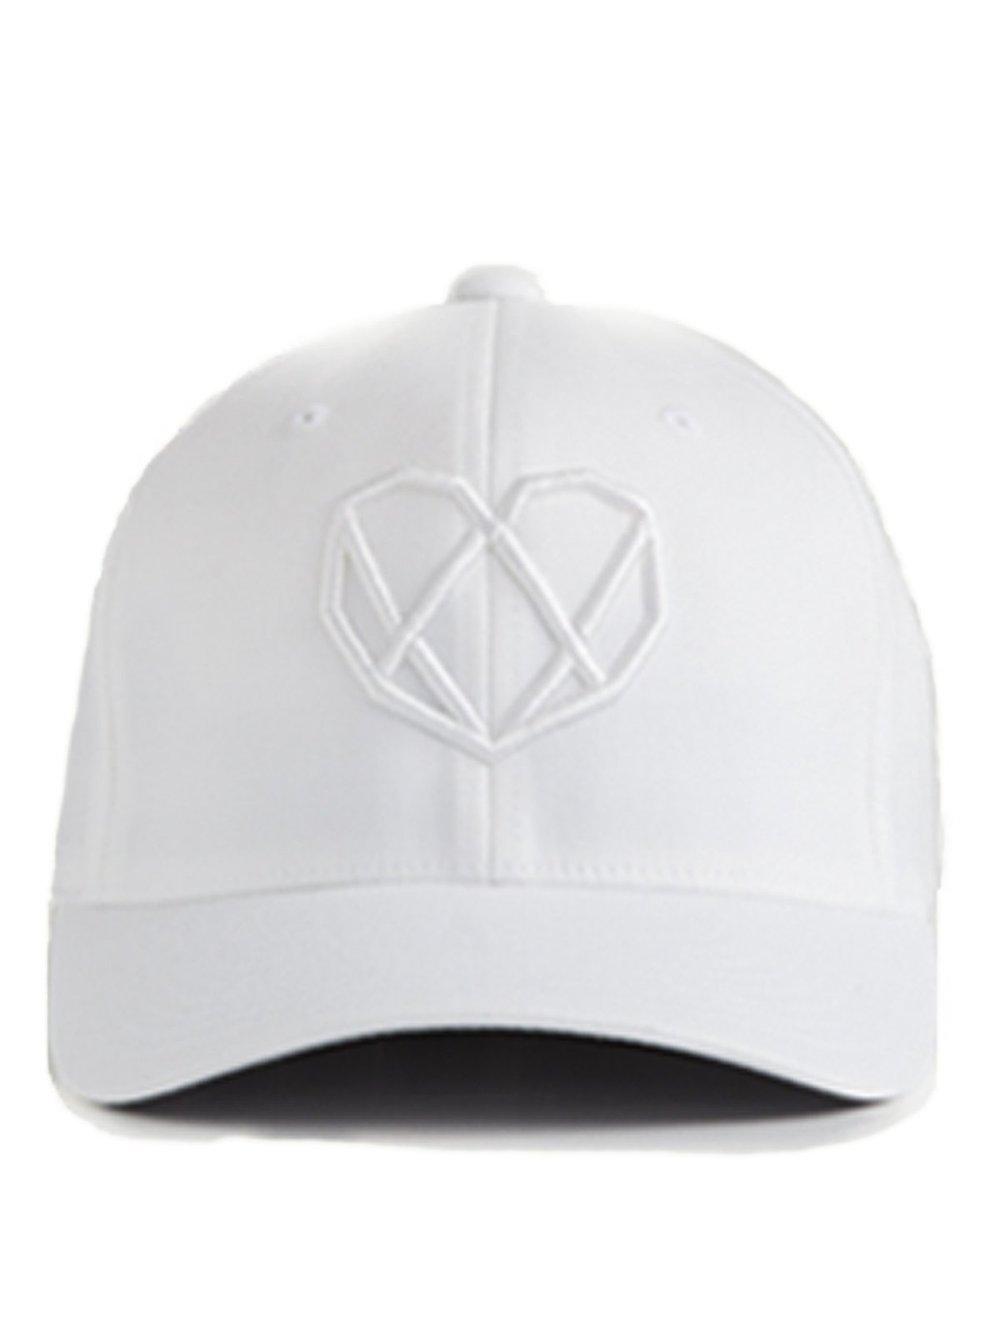 white_hat_1200x.jpg